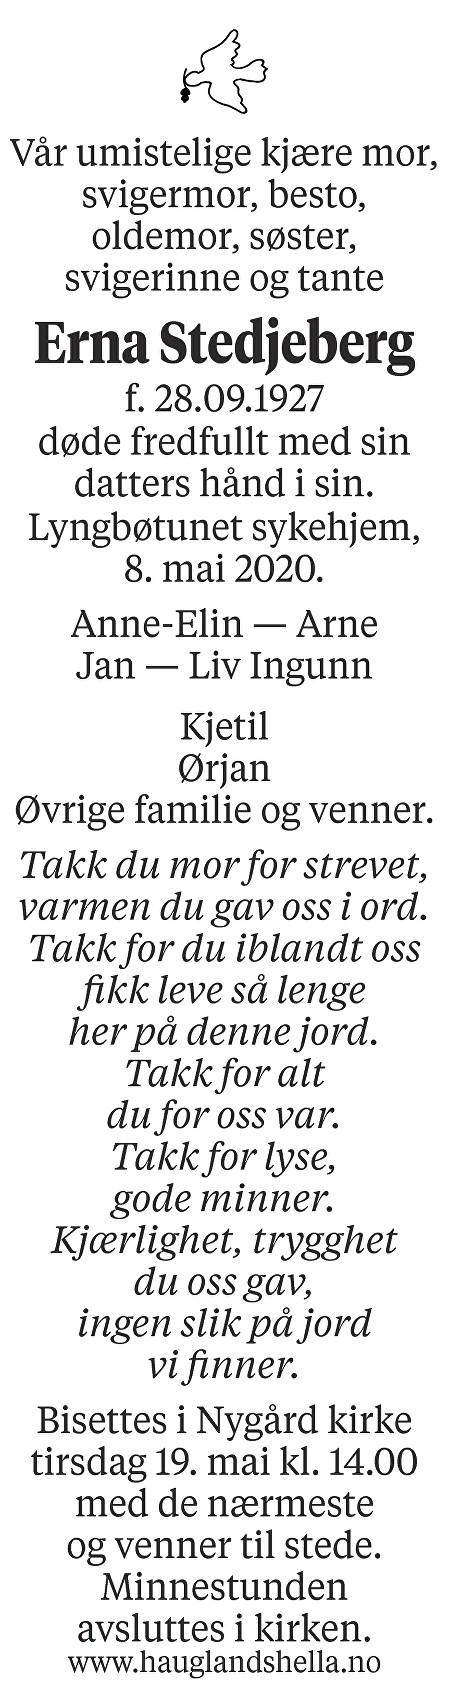 Erna Stedjeberg Dødsannonse